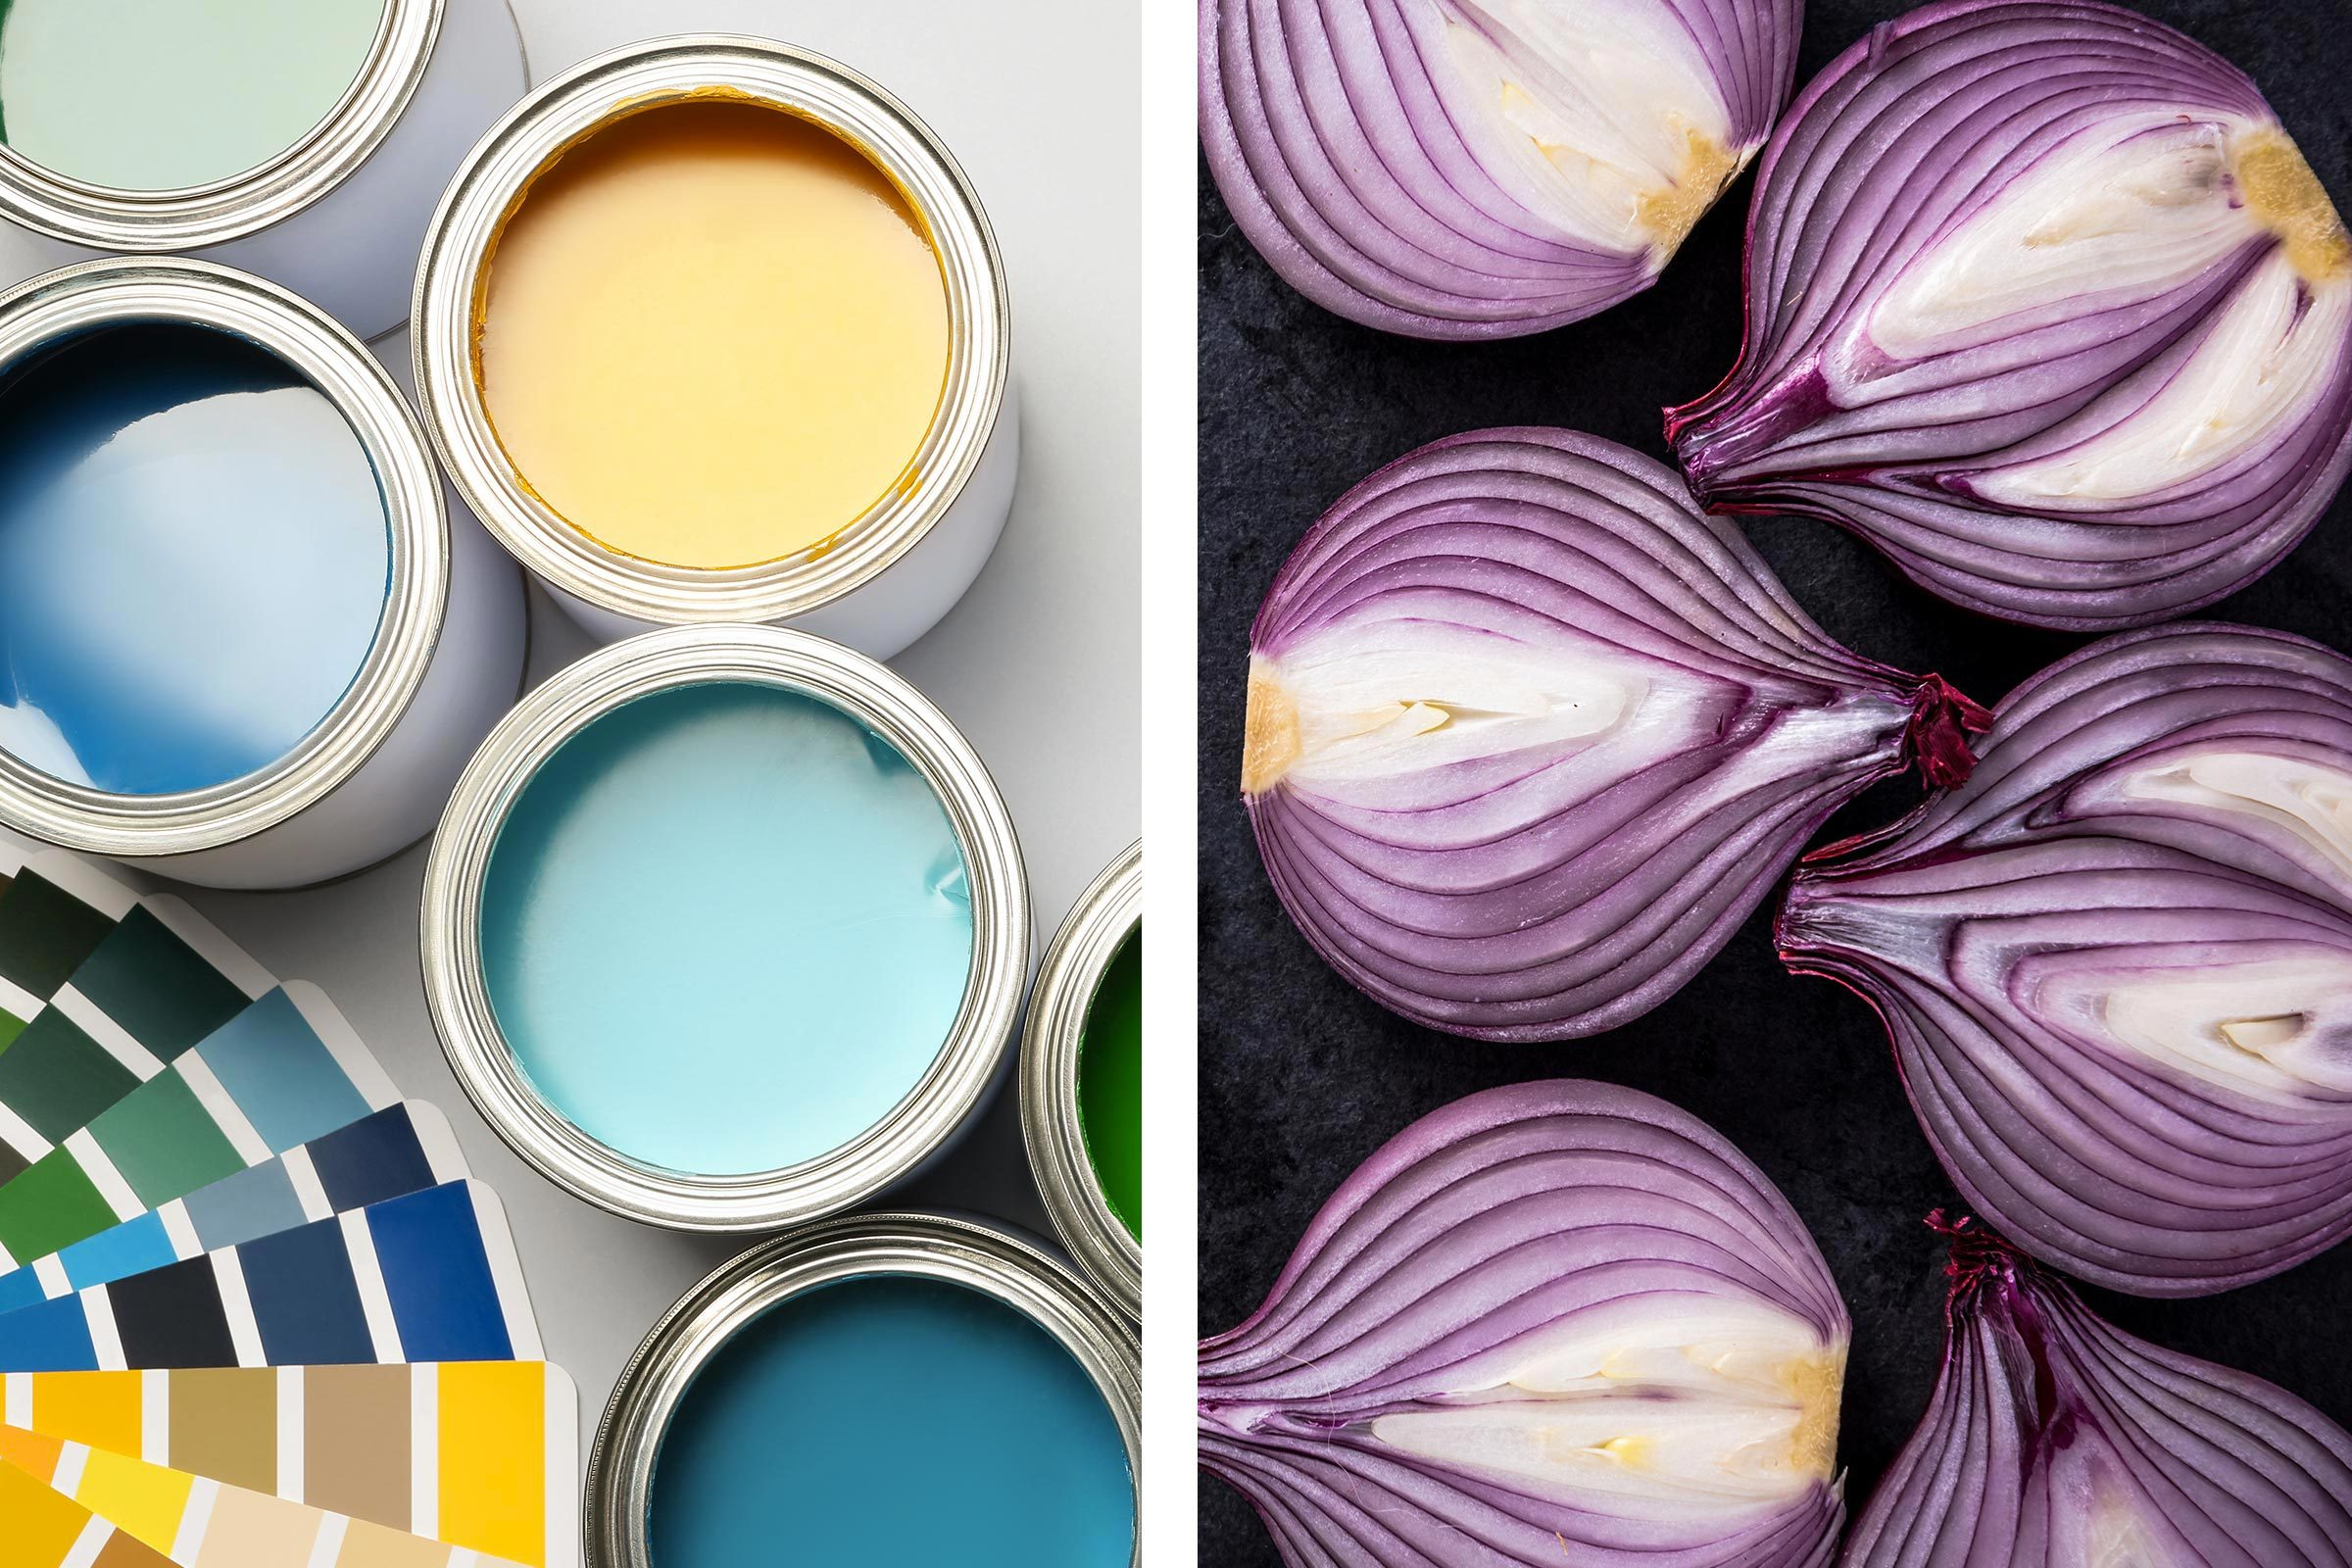 Avec un oignon, éliminez les odeurs de peinture fraîche.